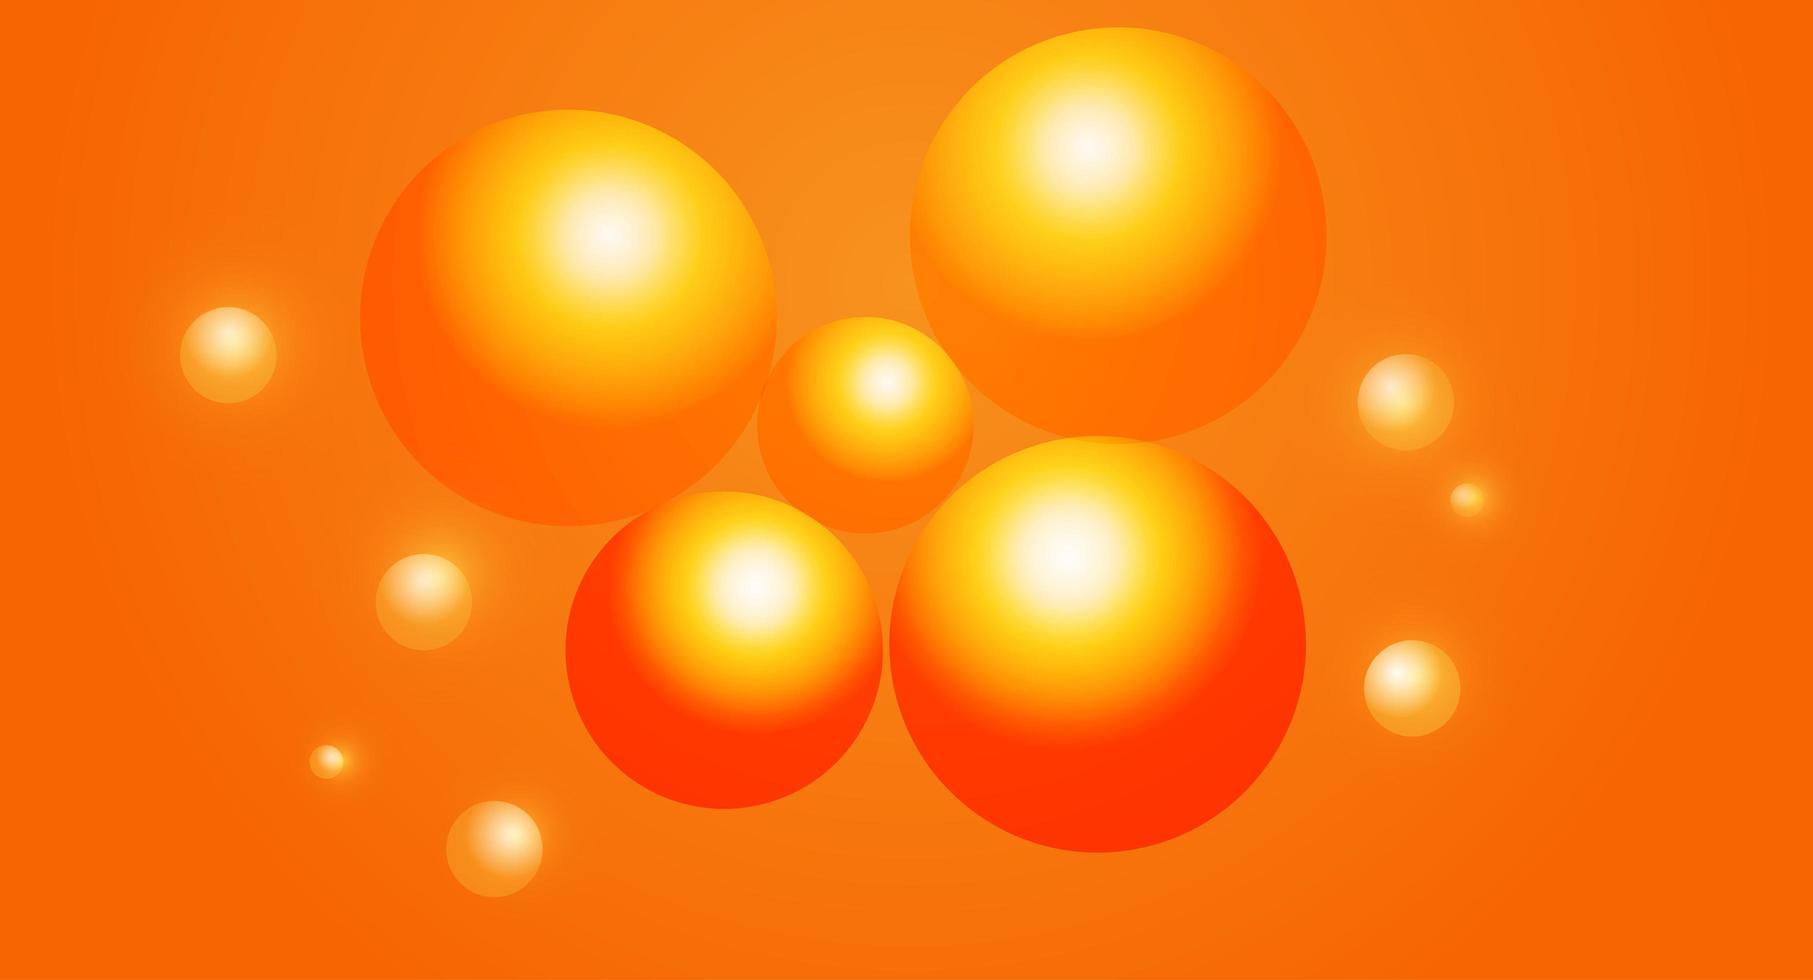 Orange Gradient Wallpaper with Spheres vector